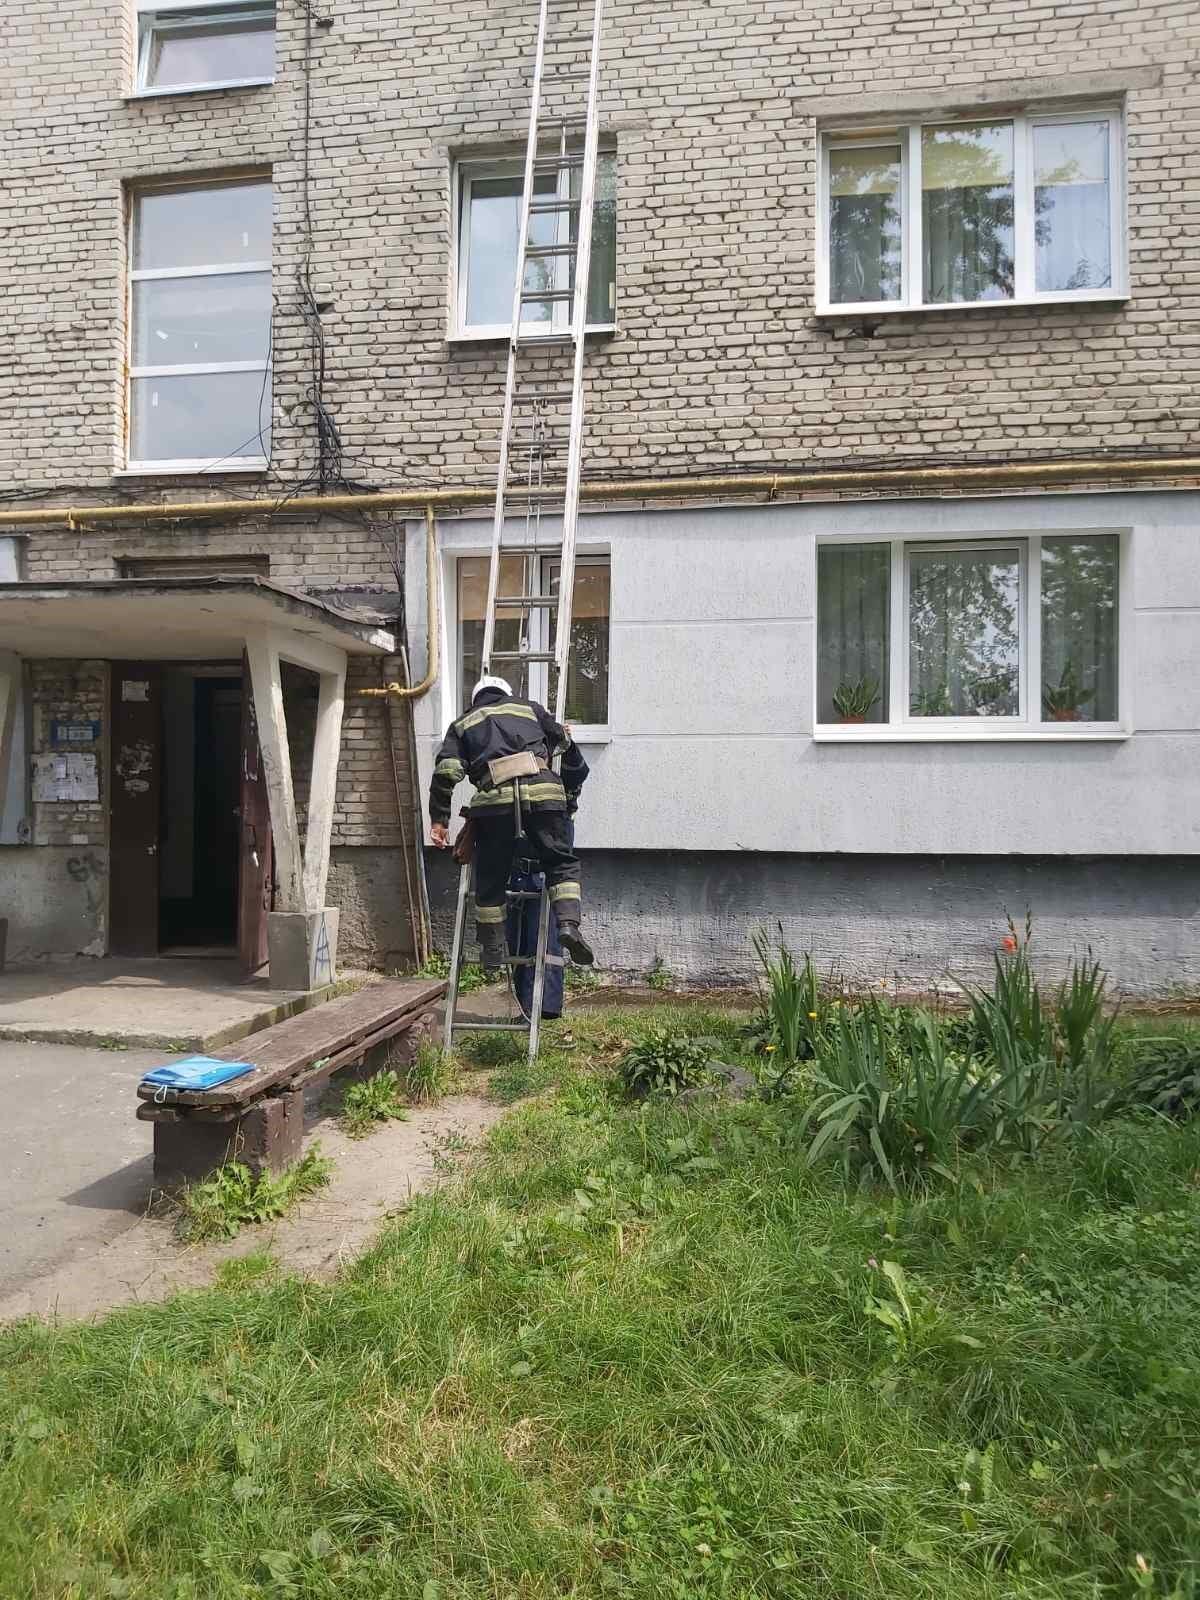 4 серпня рятувальники в Червонограді загасили пожежу та допомогли чоловіку, який зачинився у квартирі